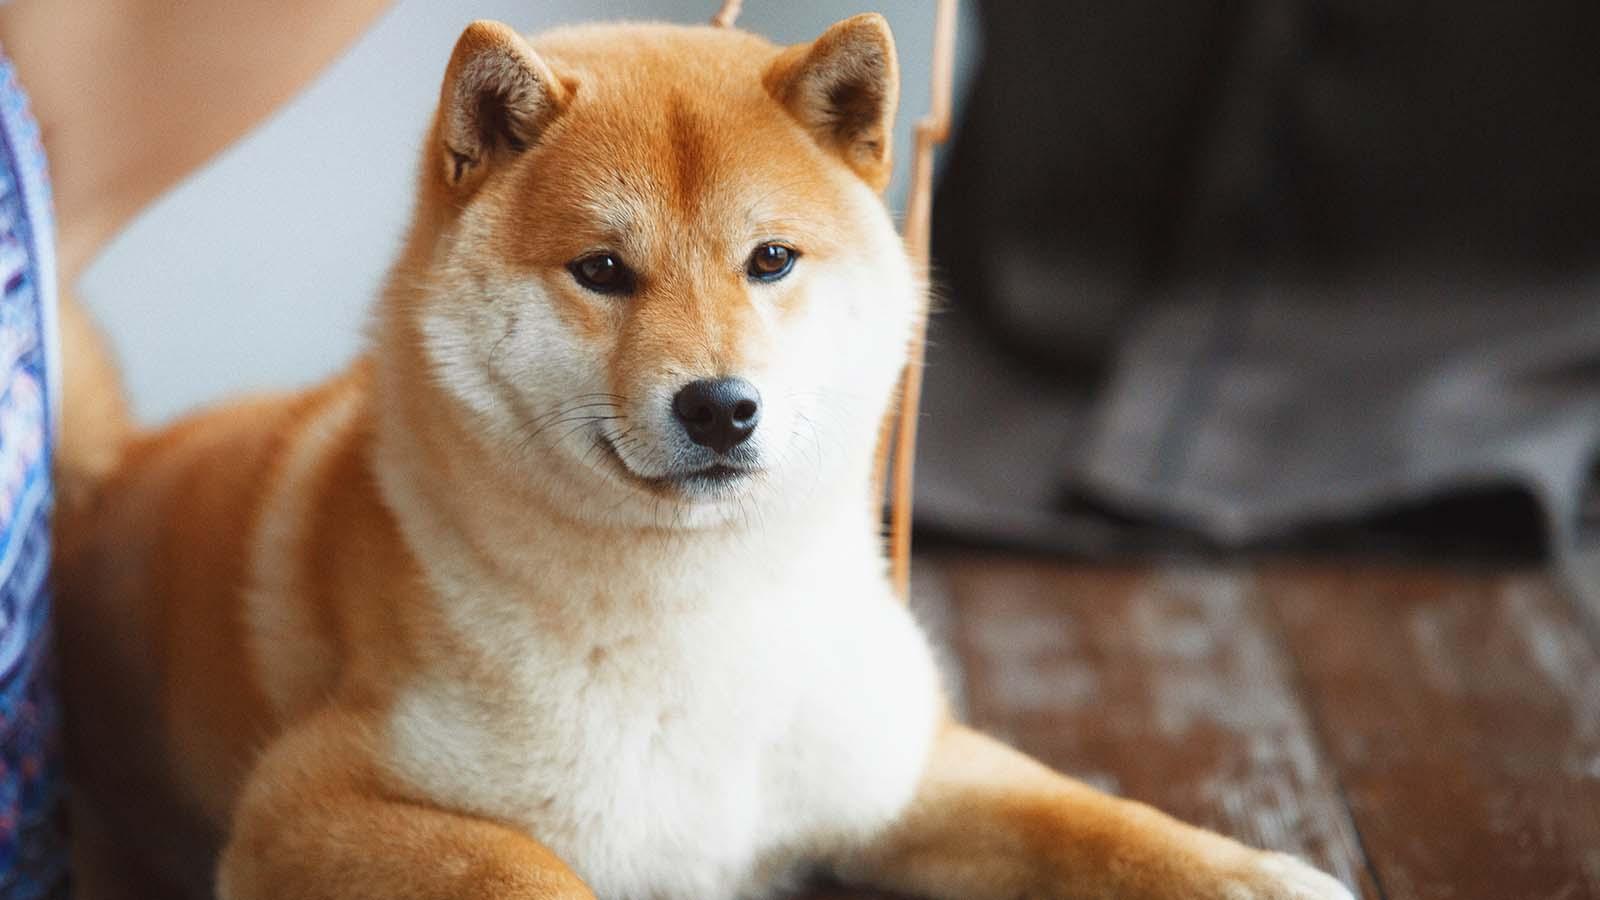 DOGE Katili SHIB Durmuyor: Yeni Bir Şirketten Destek!